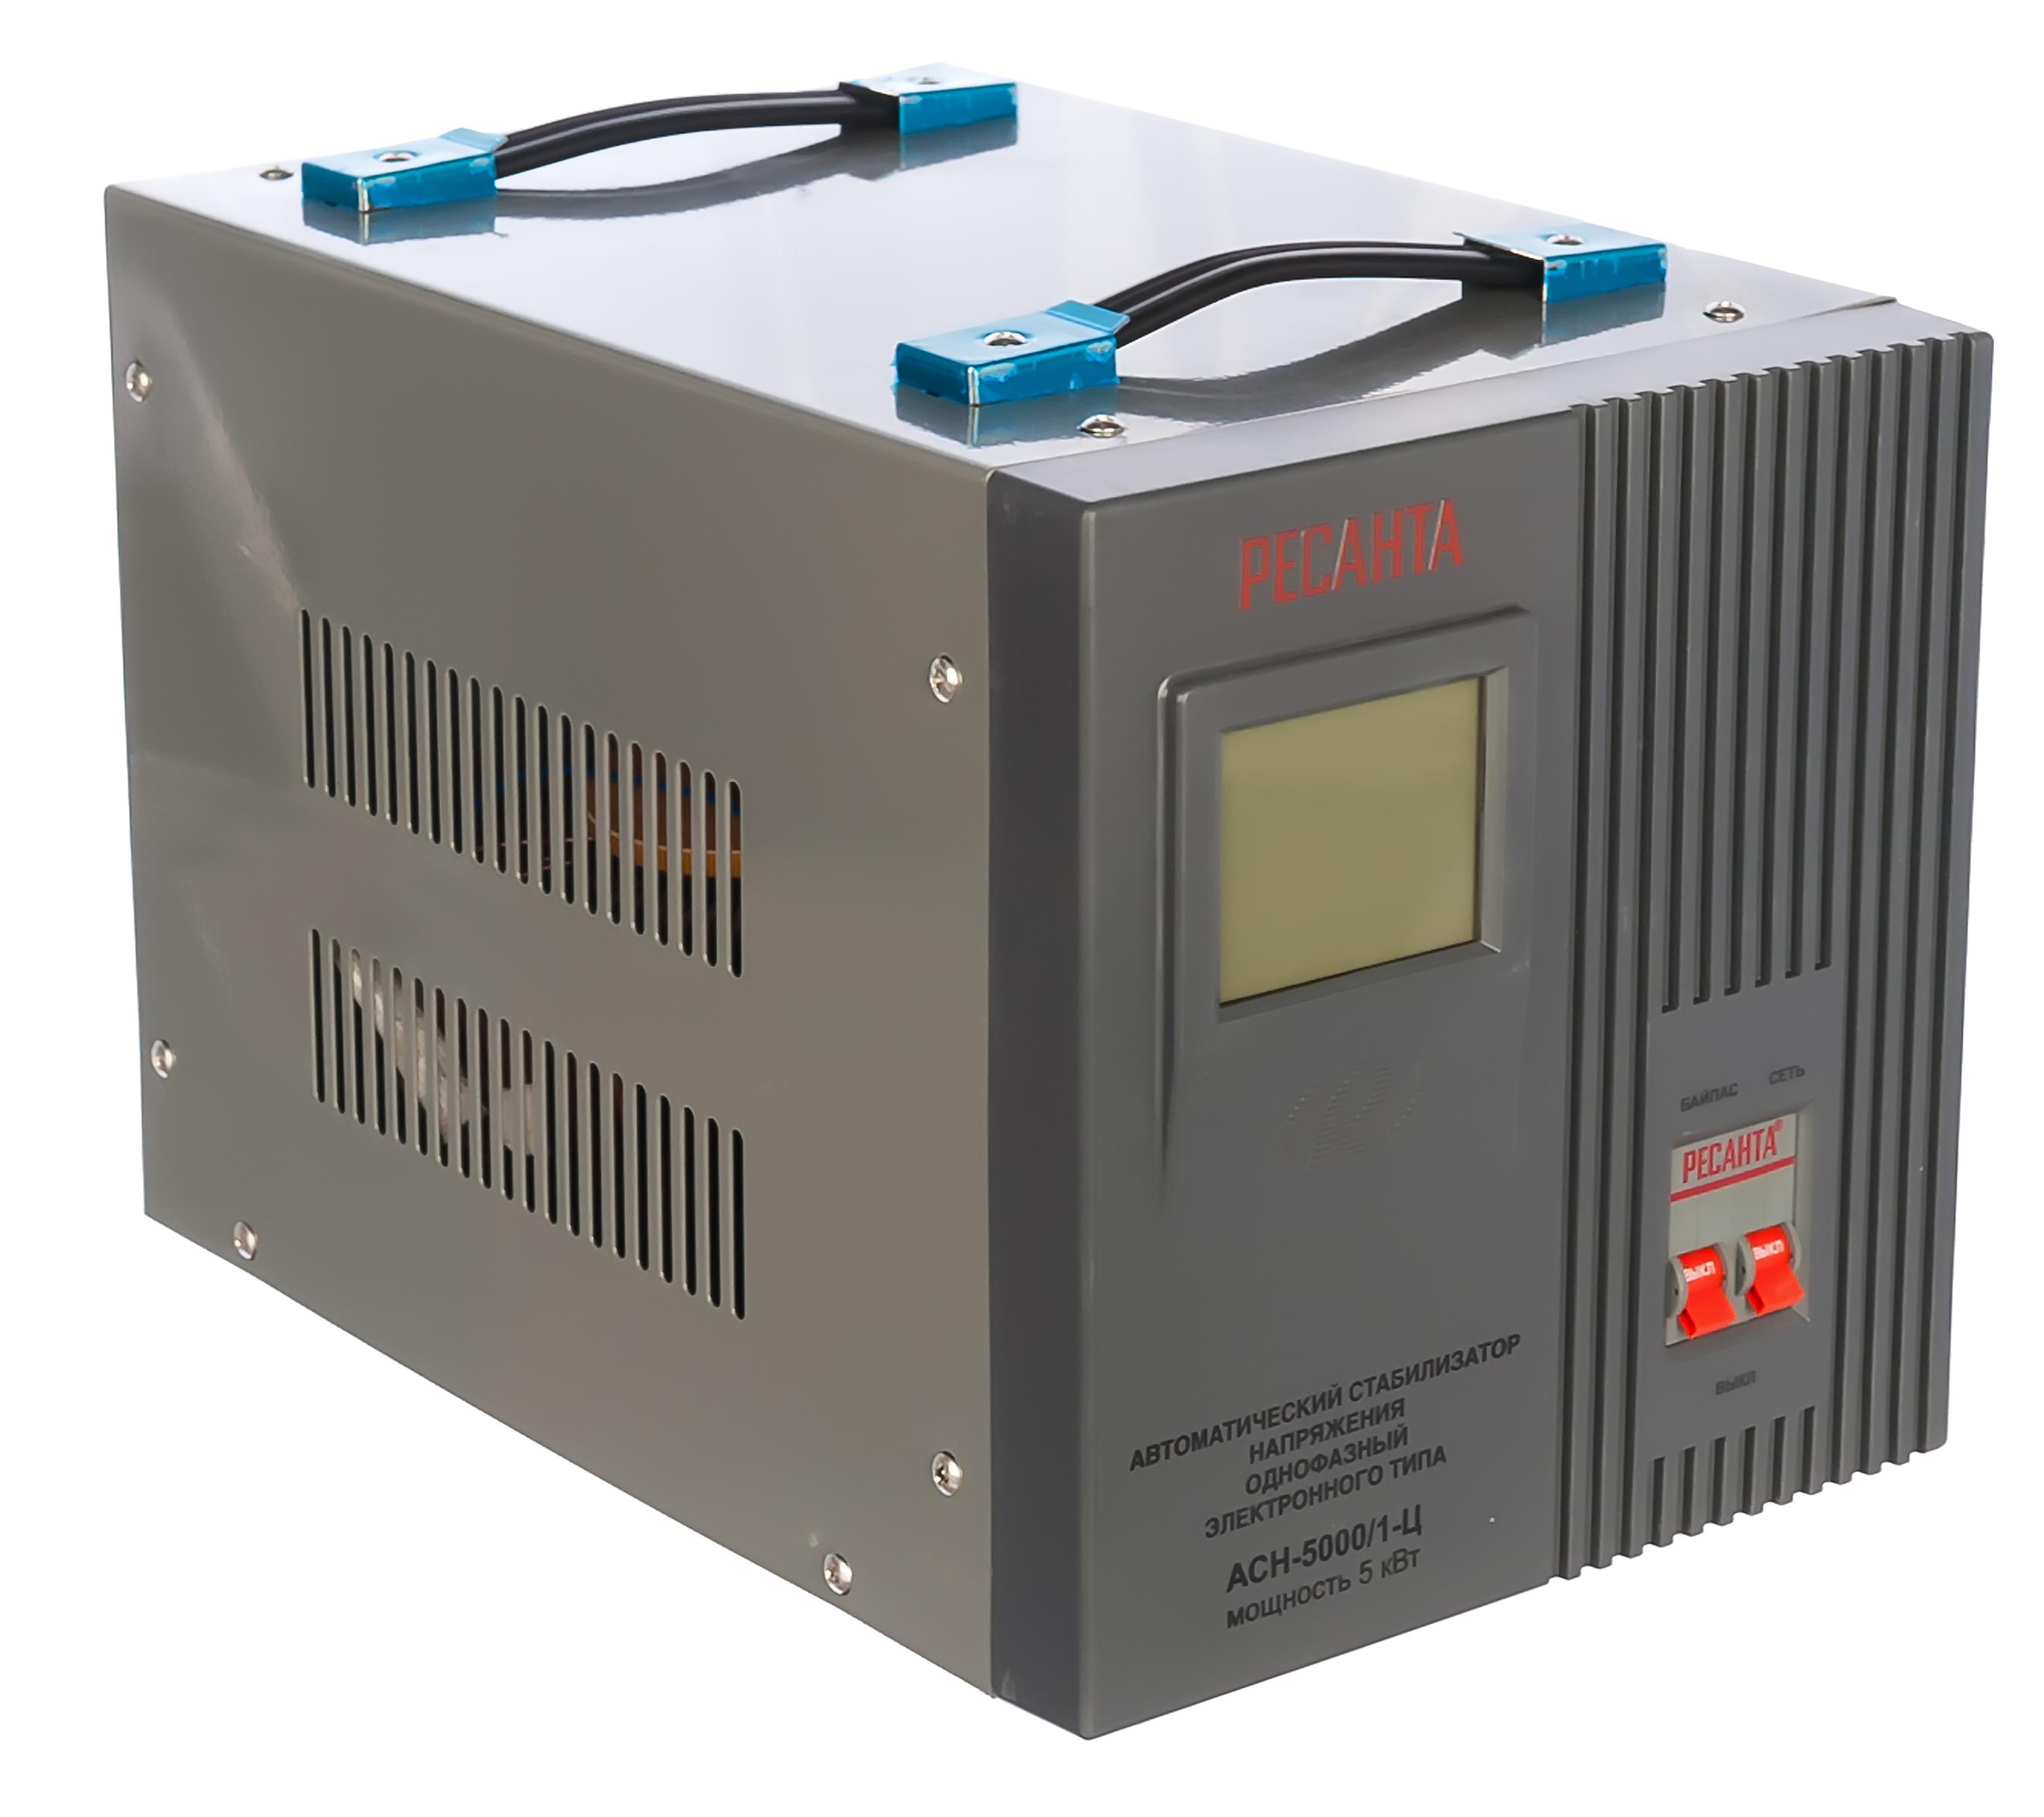 Стабилизатор напряжения Ресанта АСН-5000